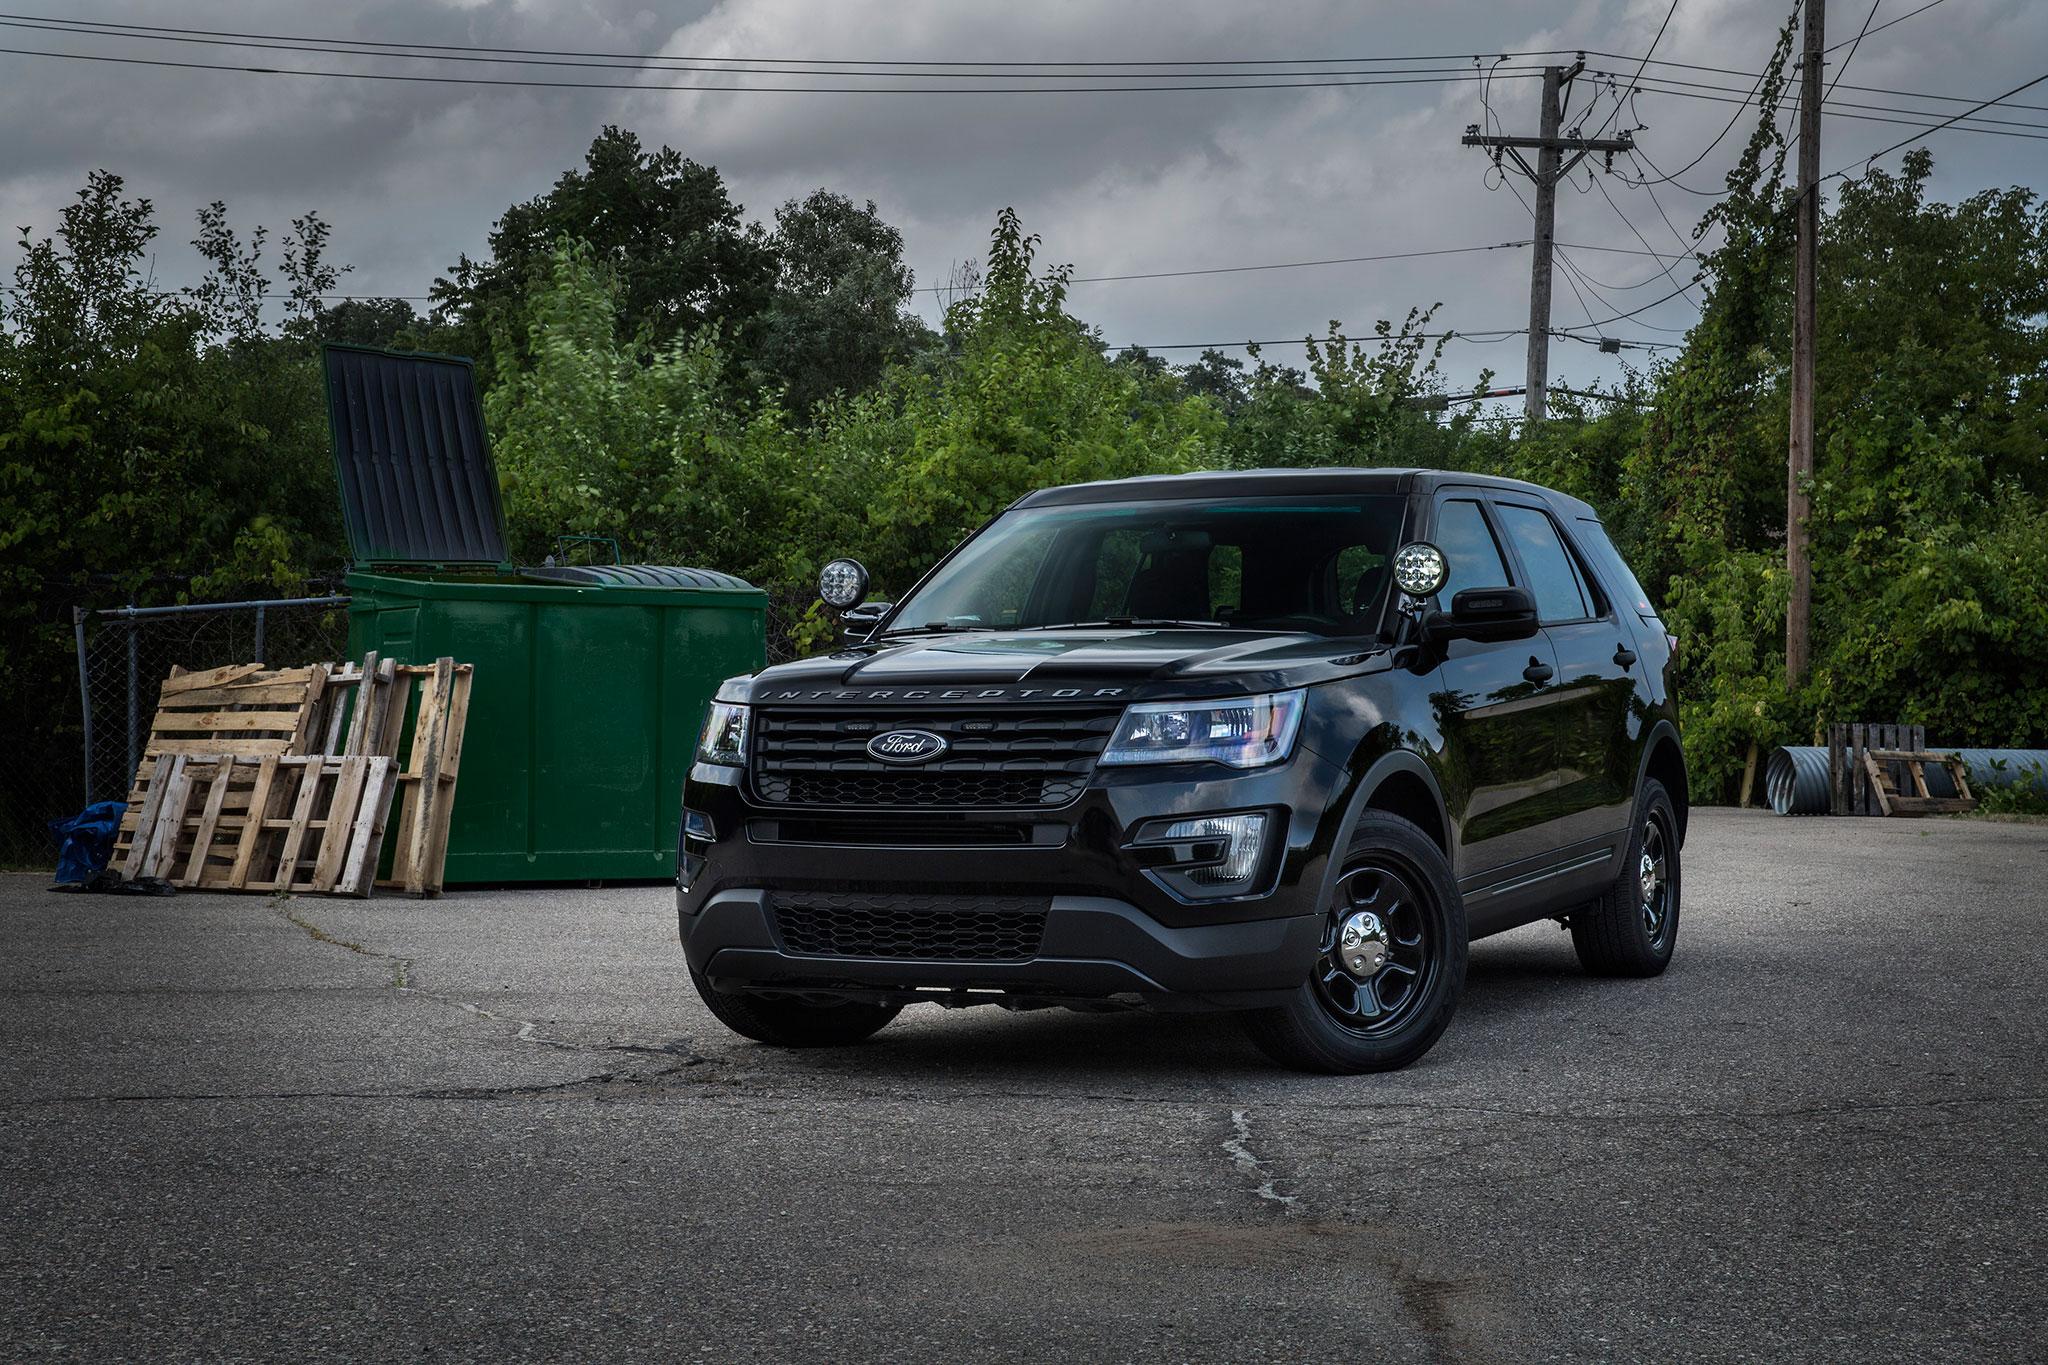 Ford Police Interceptor Utility Gets Subtle No Profile Light Bar